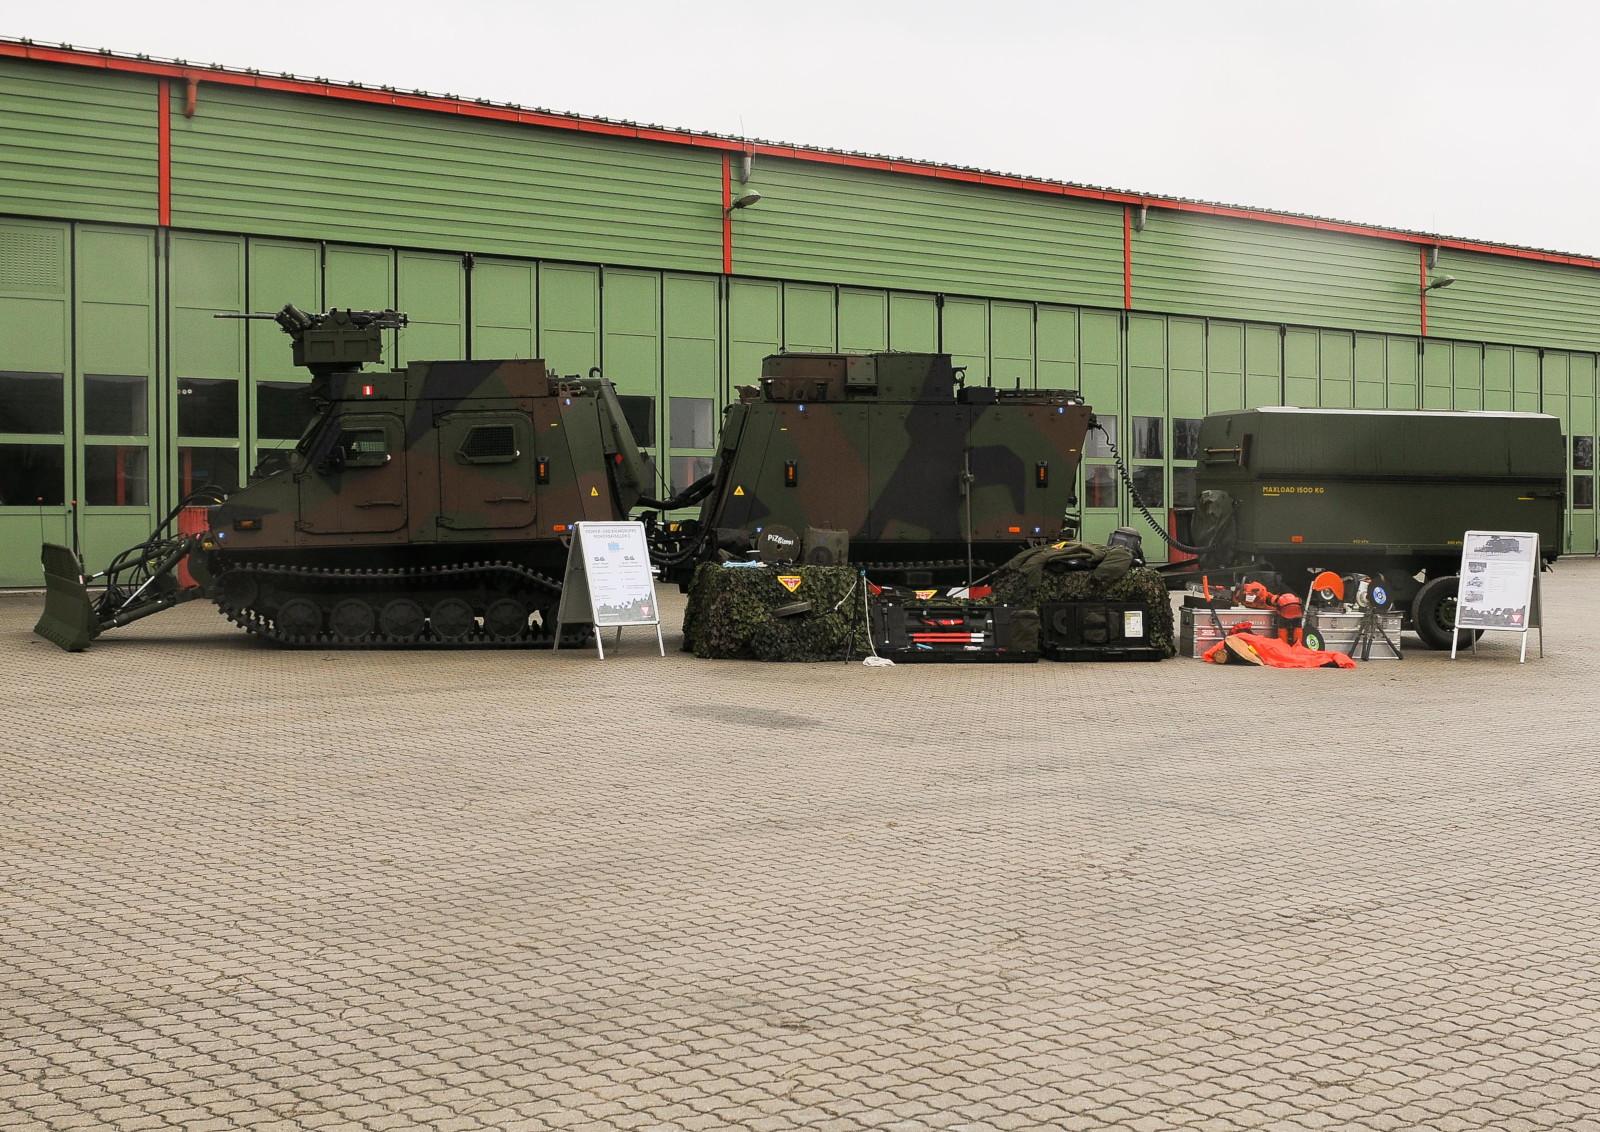 BvS10 AUT Hägglunds mit Schneepflug und 1,5 t Anhänger © Bundesheer